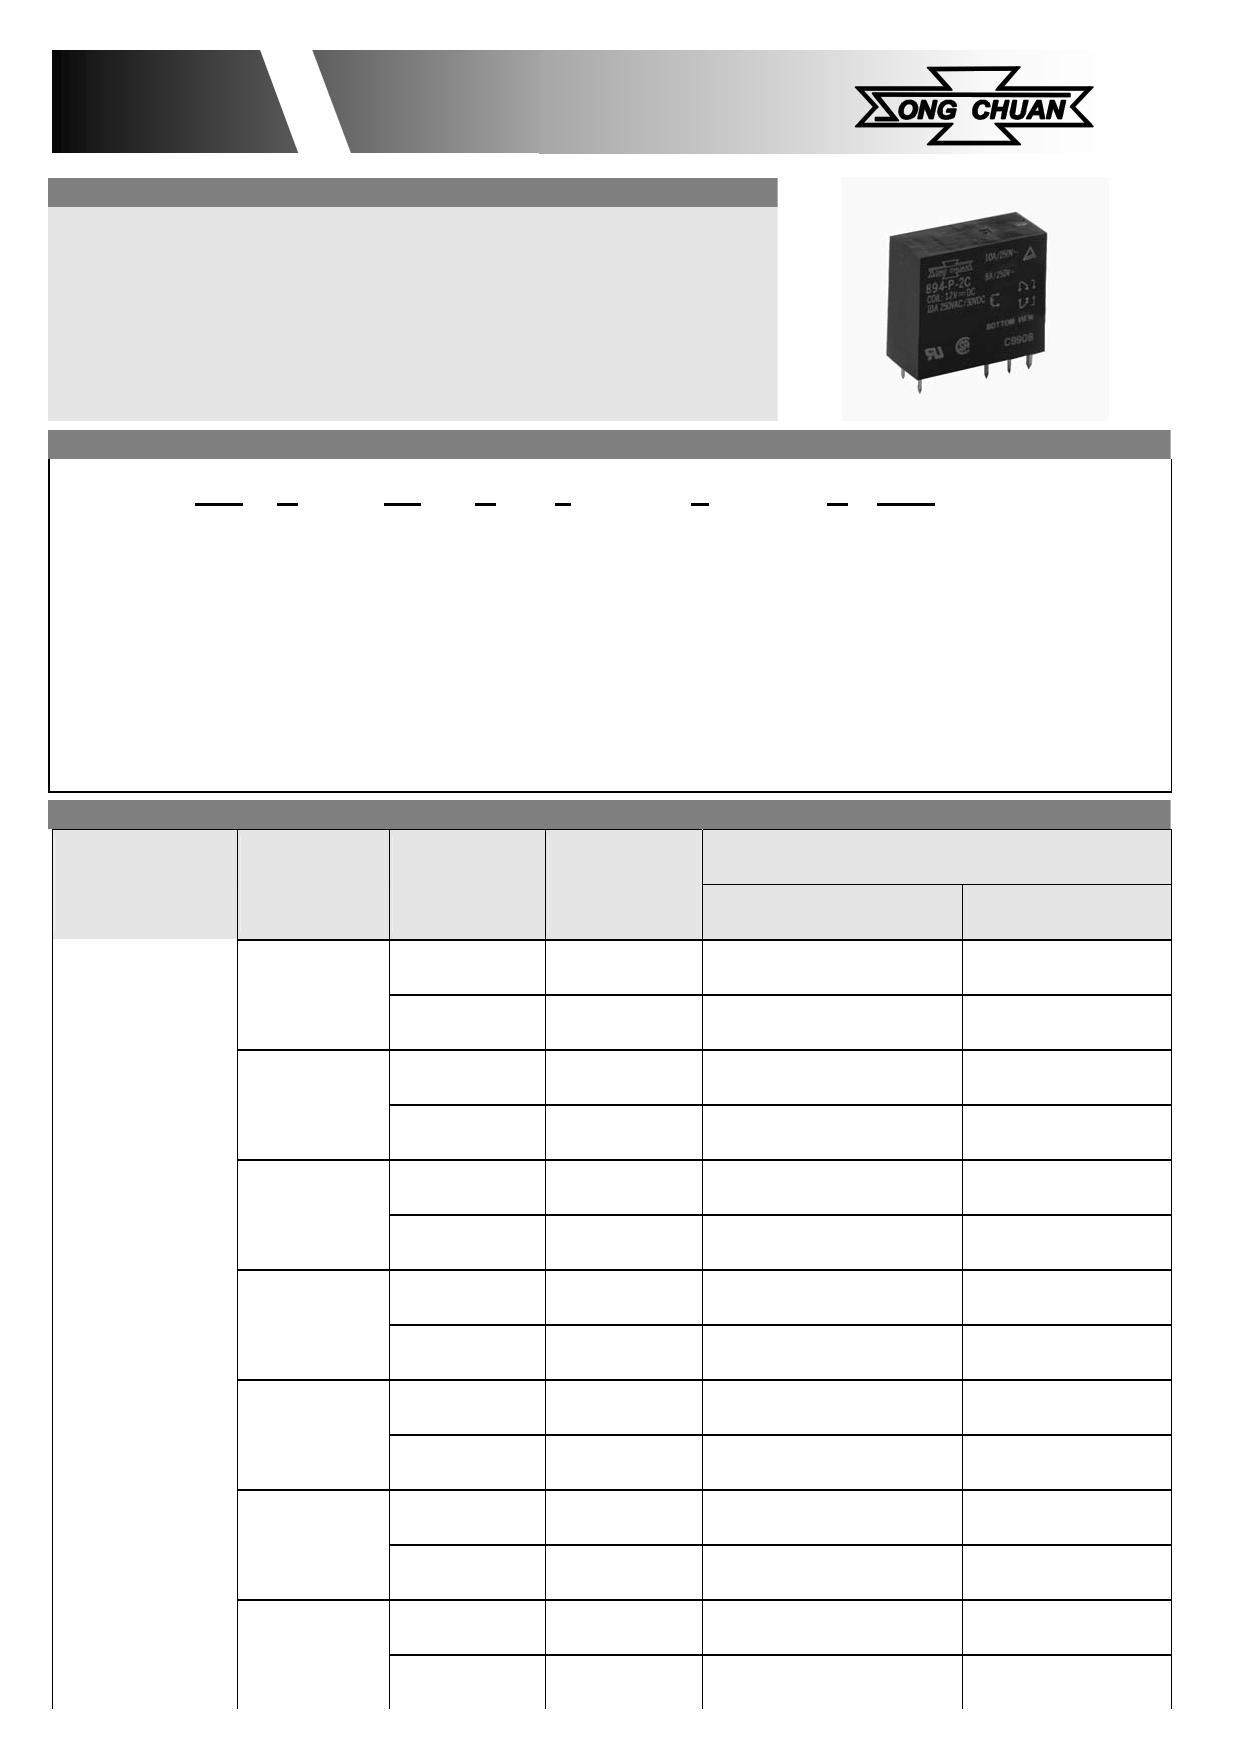 894-2AC1-F-C Datasheet, 894-2AC1-F-C PDF,ピン配置, 機能